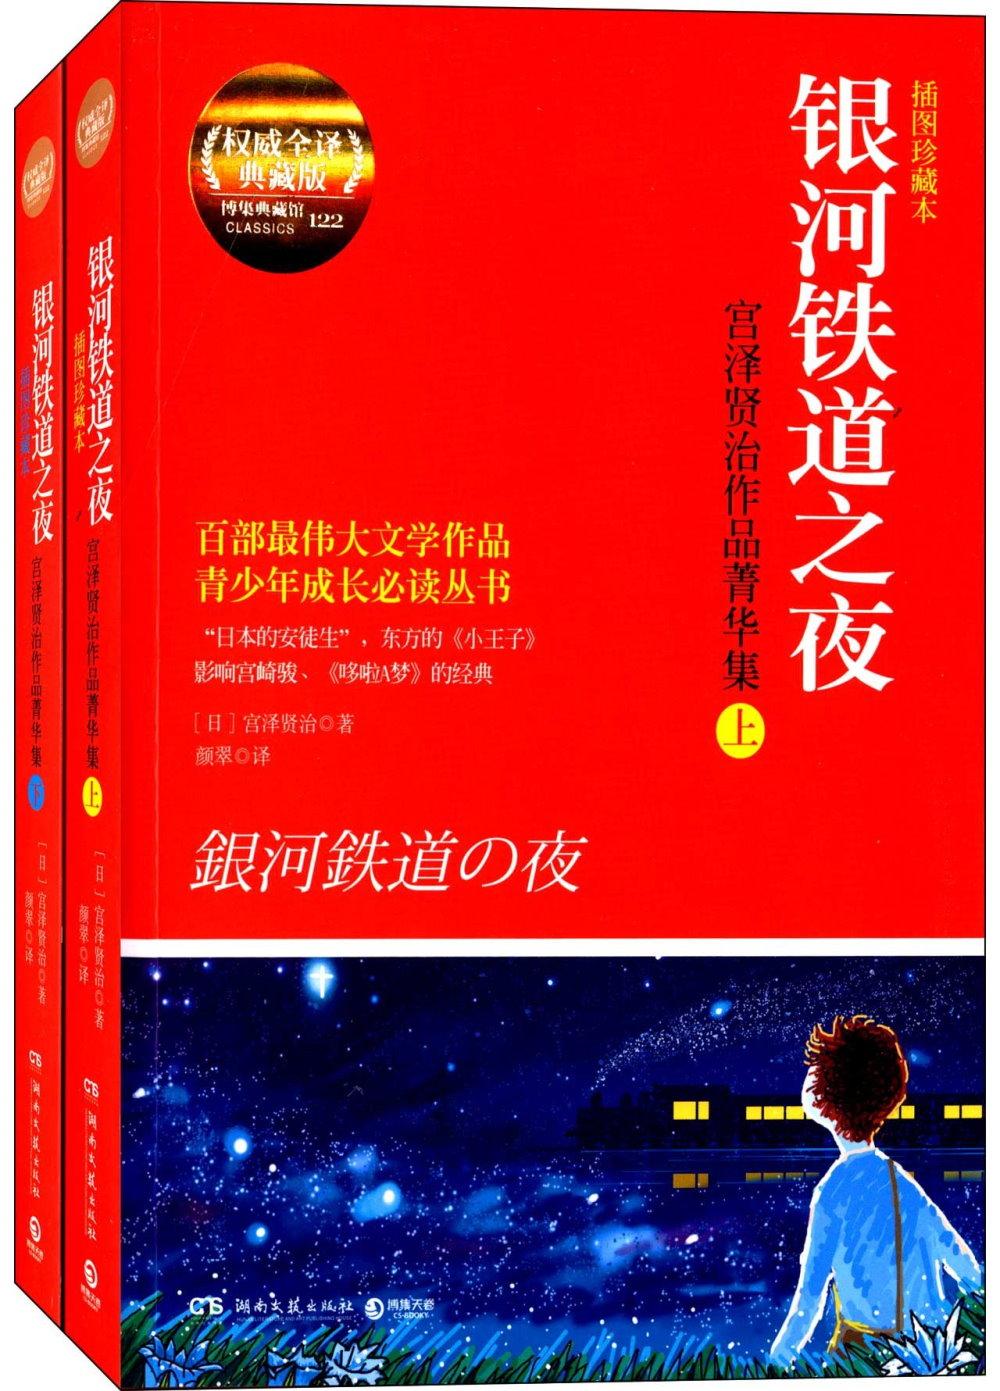 銀河鐵道之夜:宮澤賢治作品菁華集 (全2冊)(插圖珍藏本)